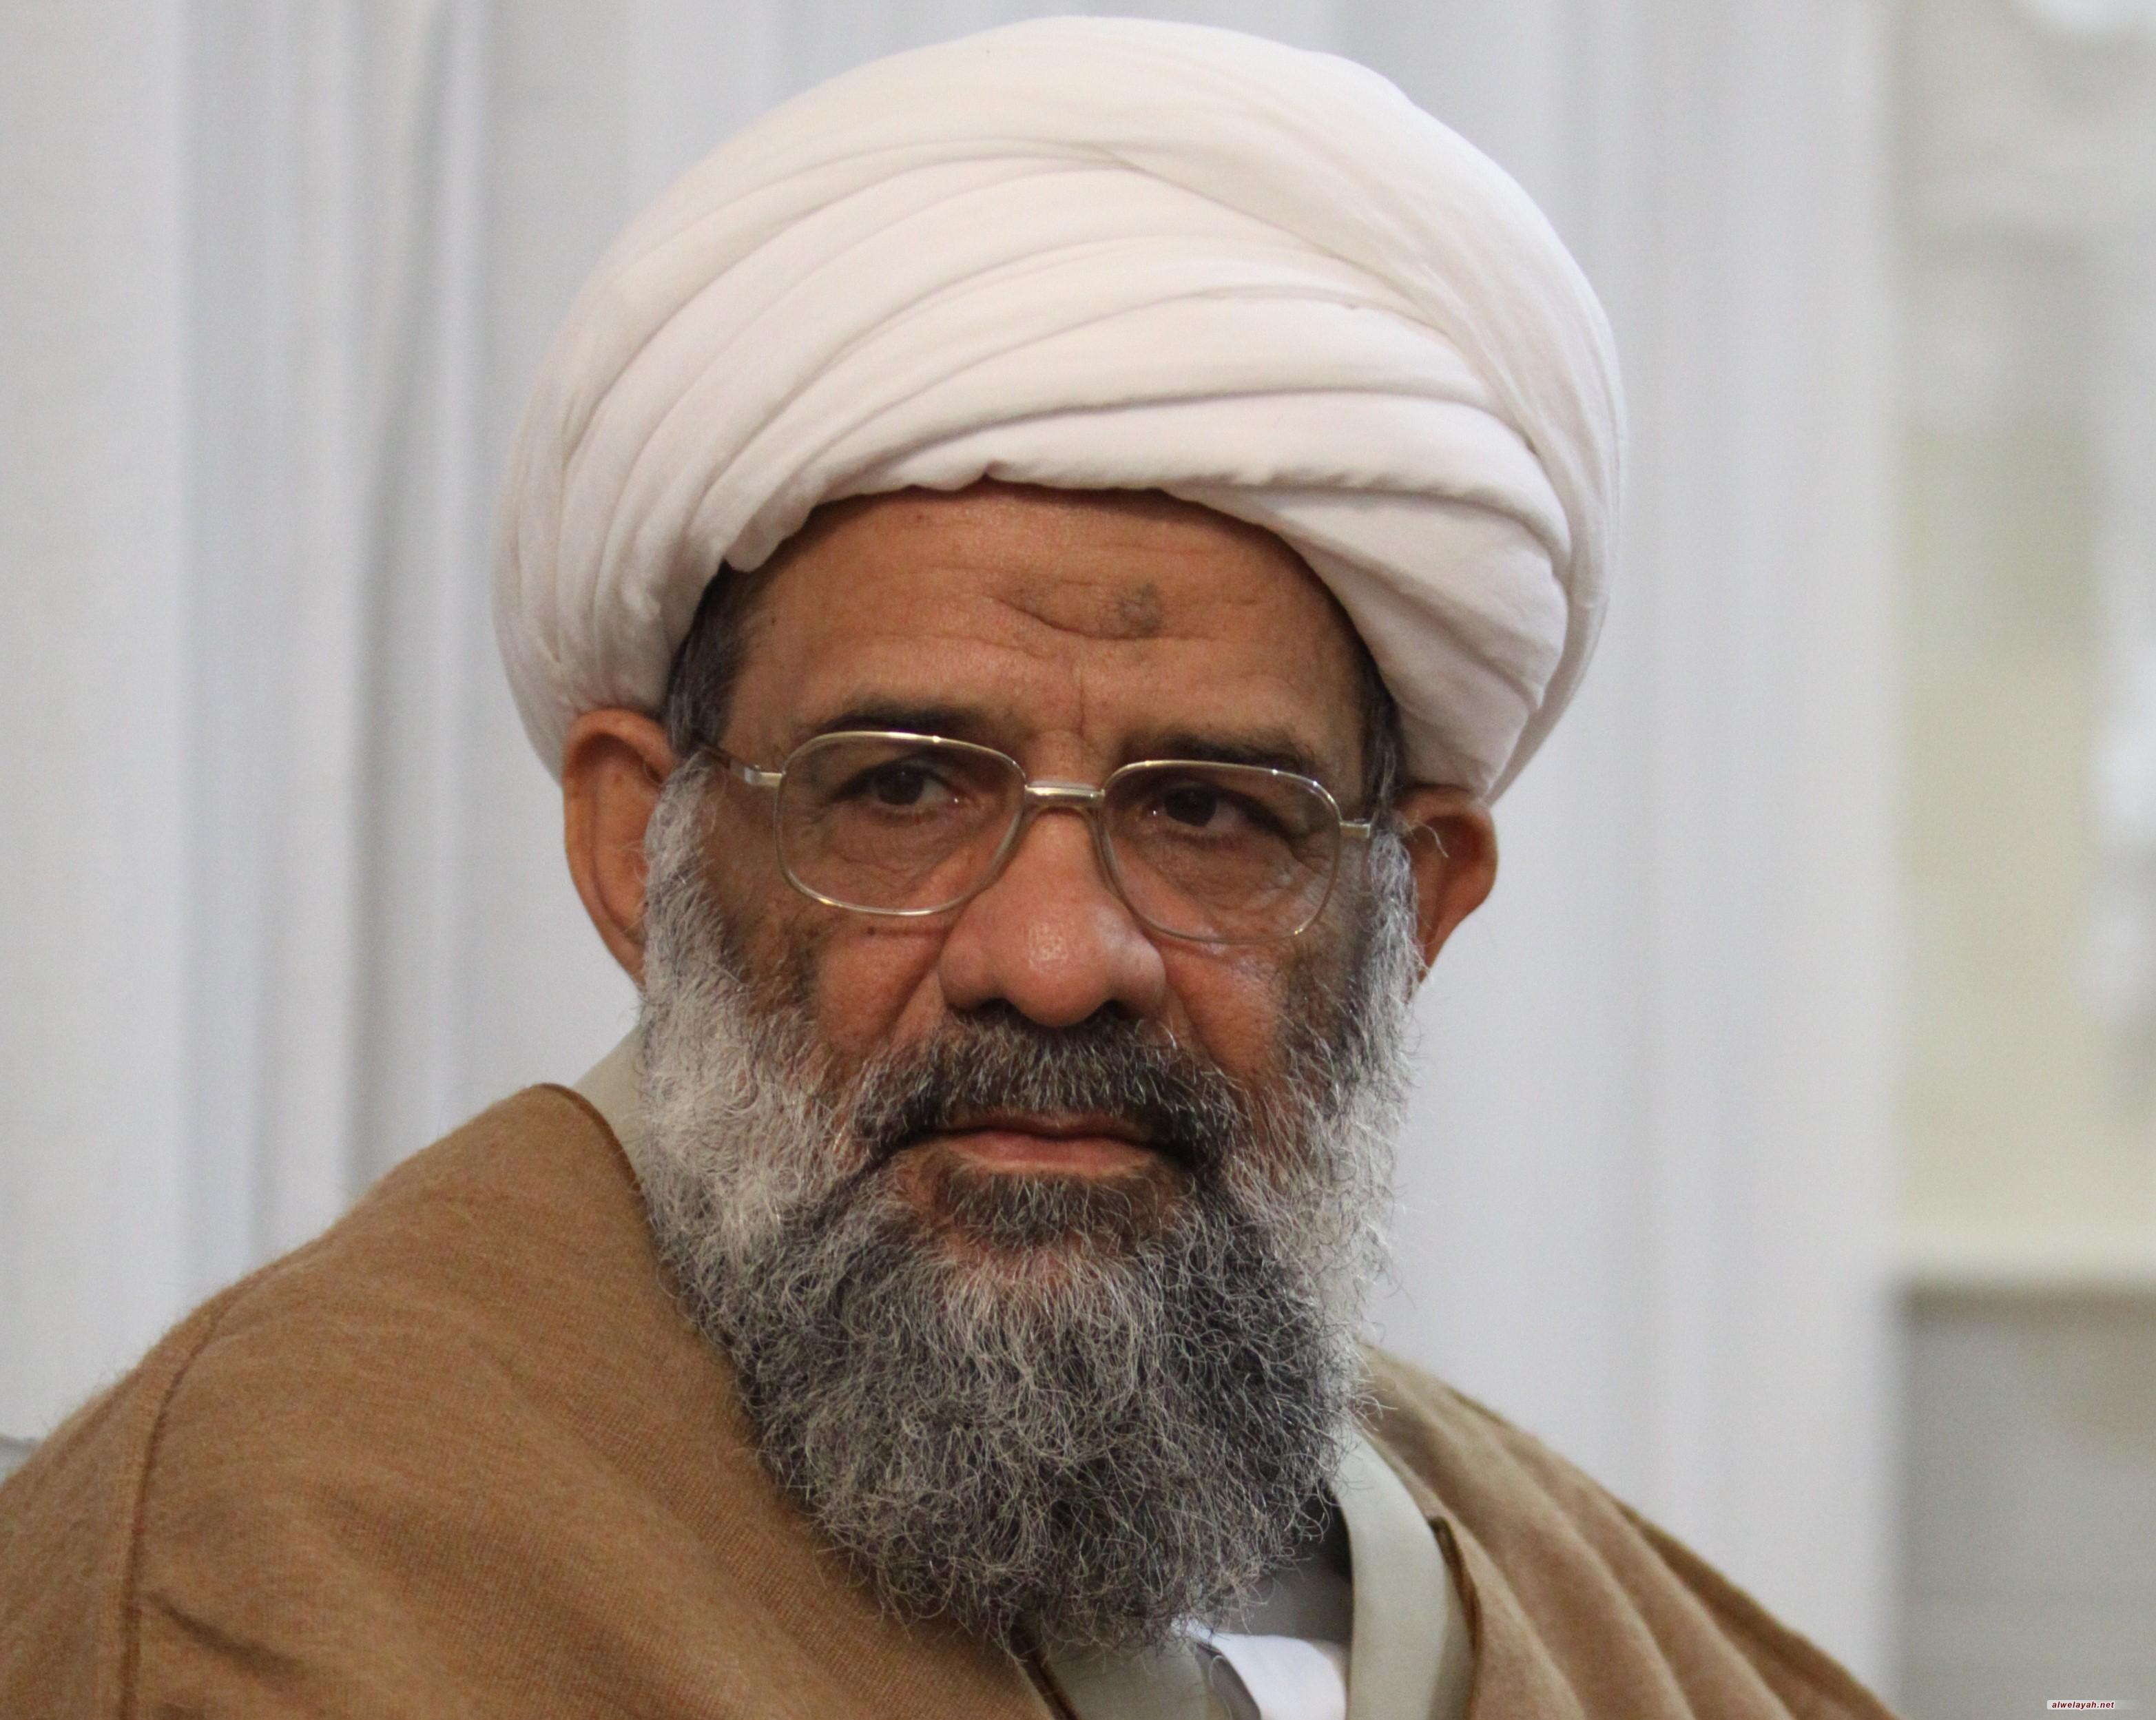 حجة الإسلام والمسلمين علي ملكوتي: الوحدة الإسلامية ستفشل مخططات الأعداء لضرب الأمة الإسلامية